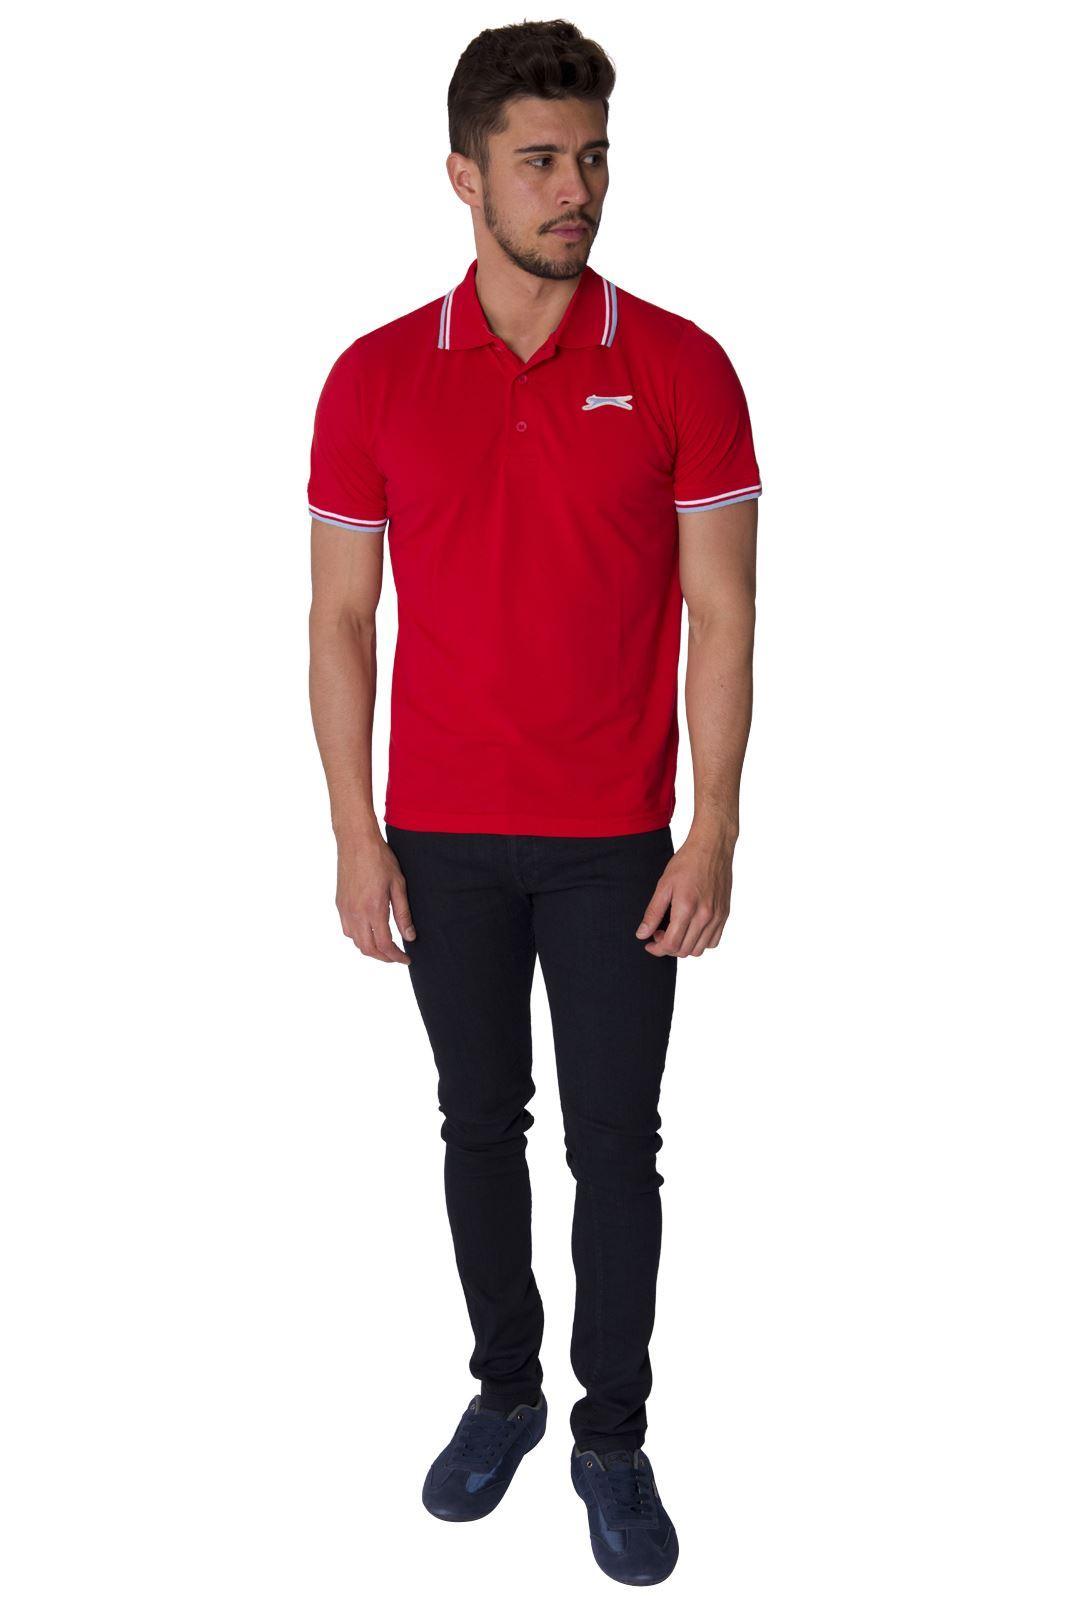 Slazenger Designer New Mens Short Sleeve Collared Polo Tee